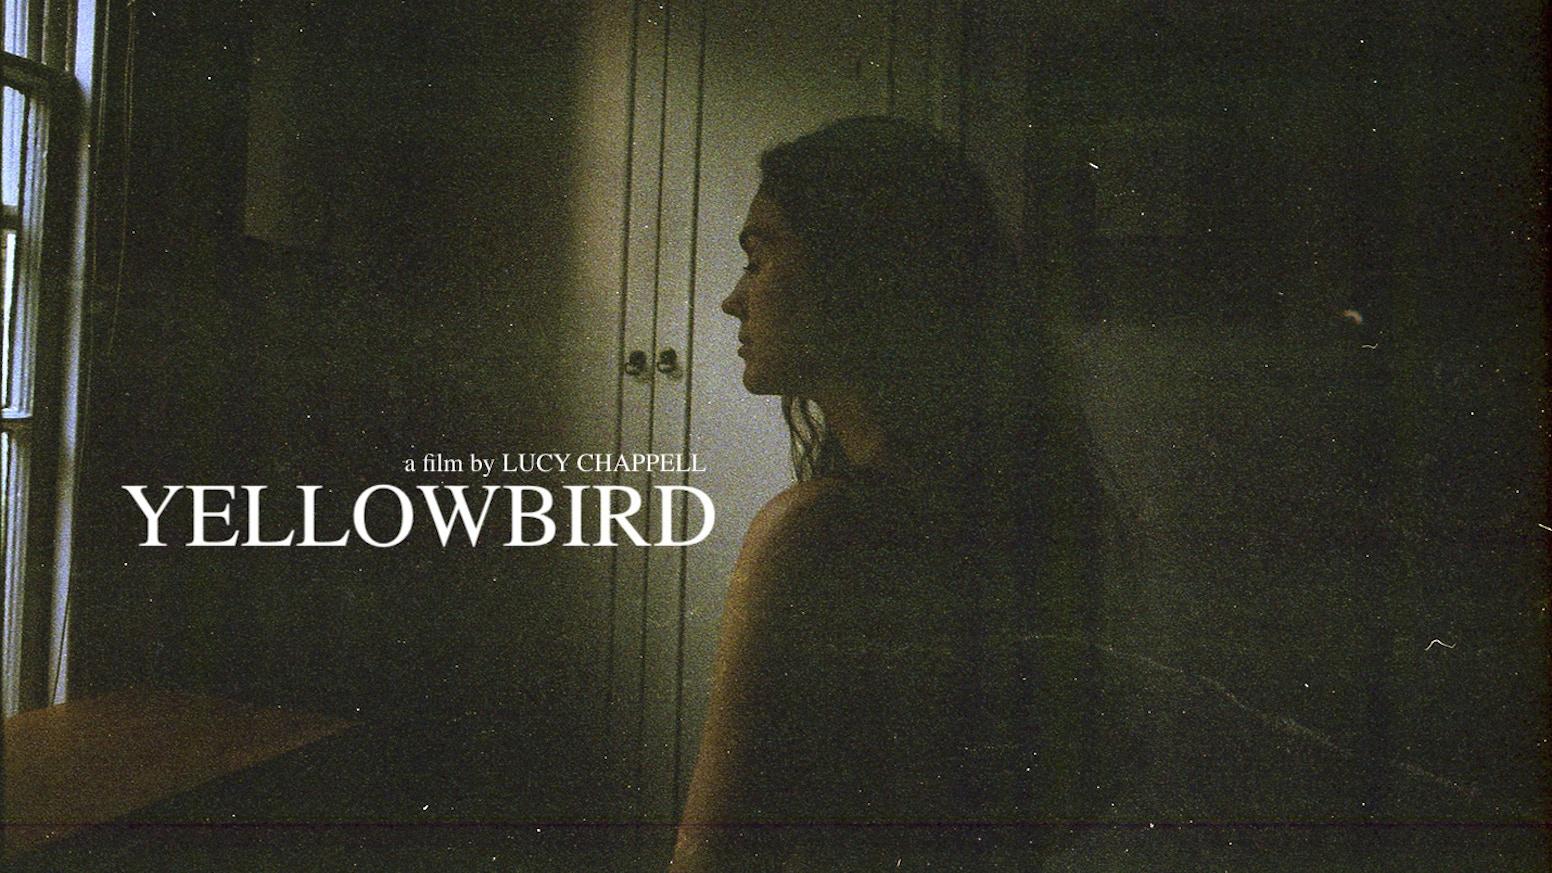 A female-led thriller set in the Scottish Highlands.